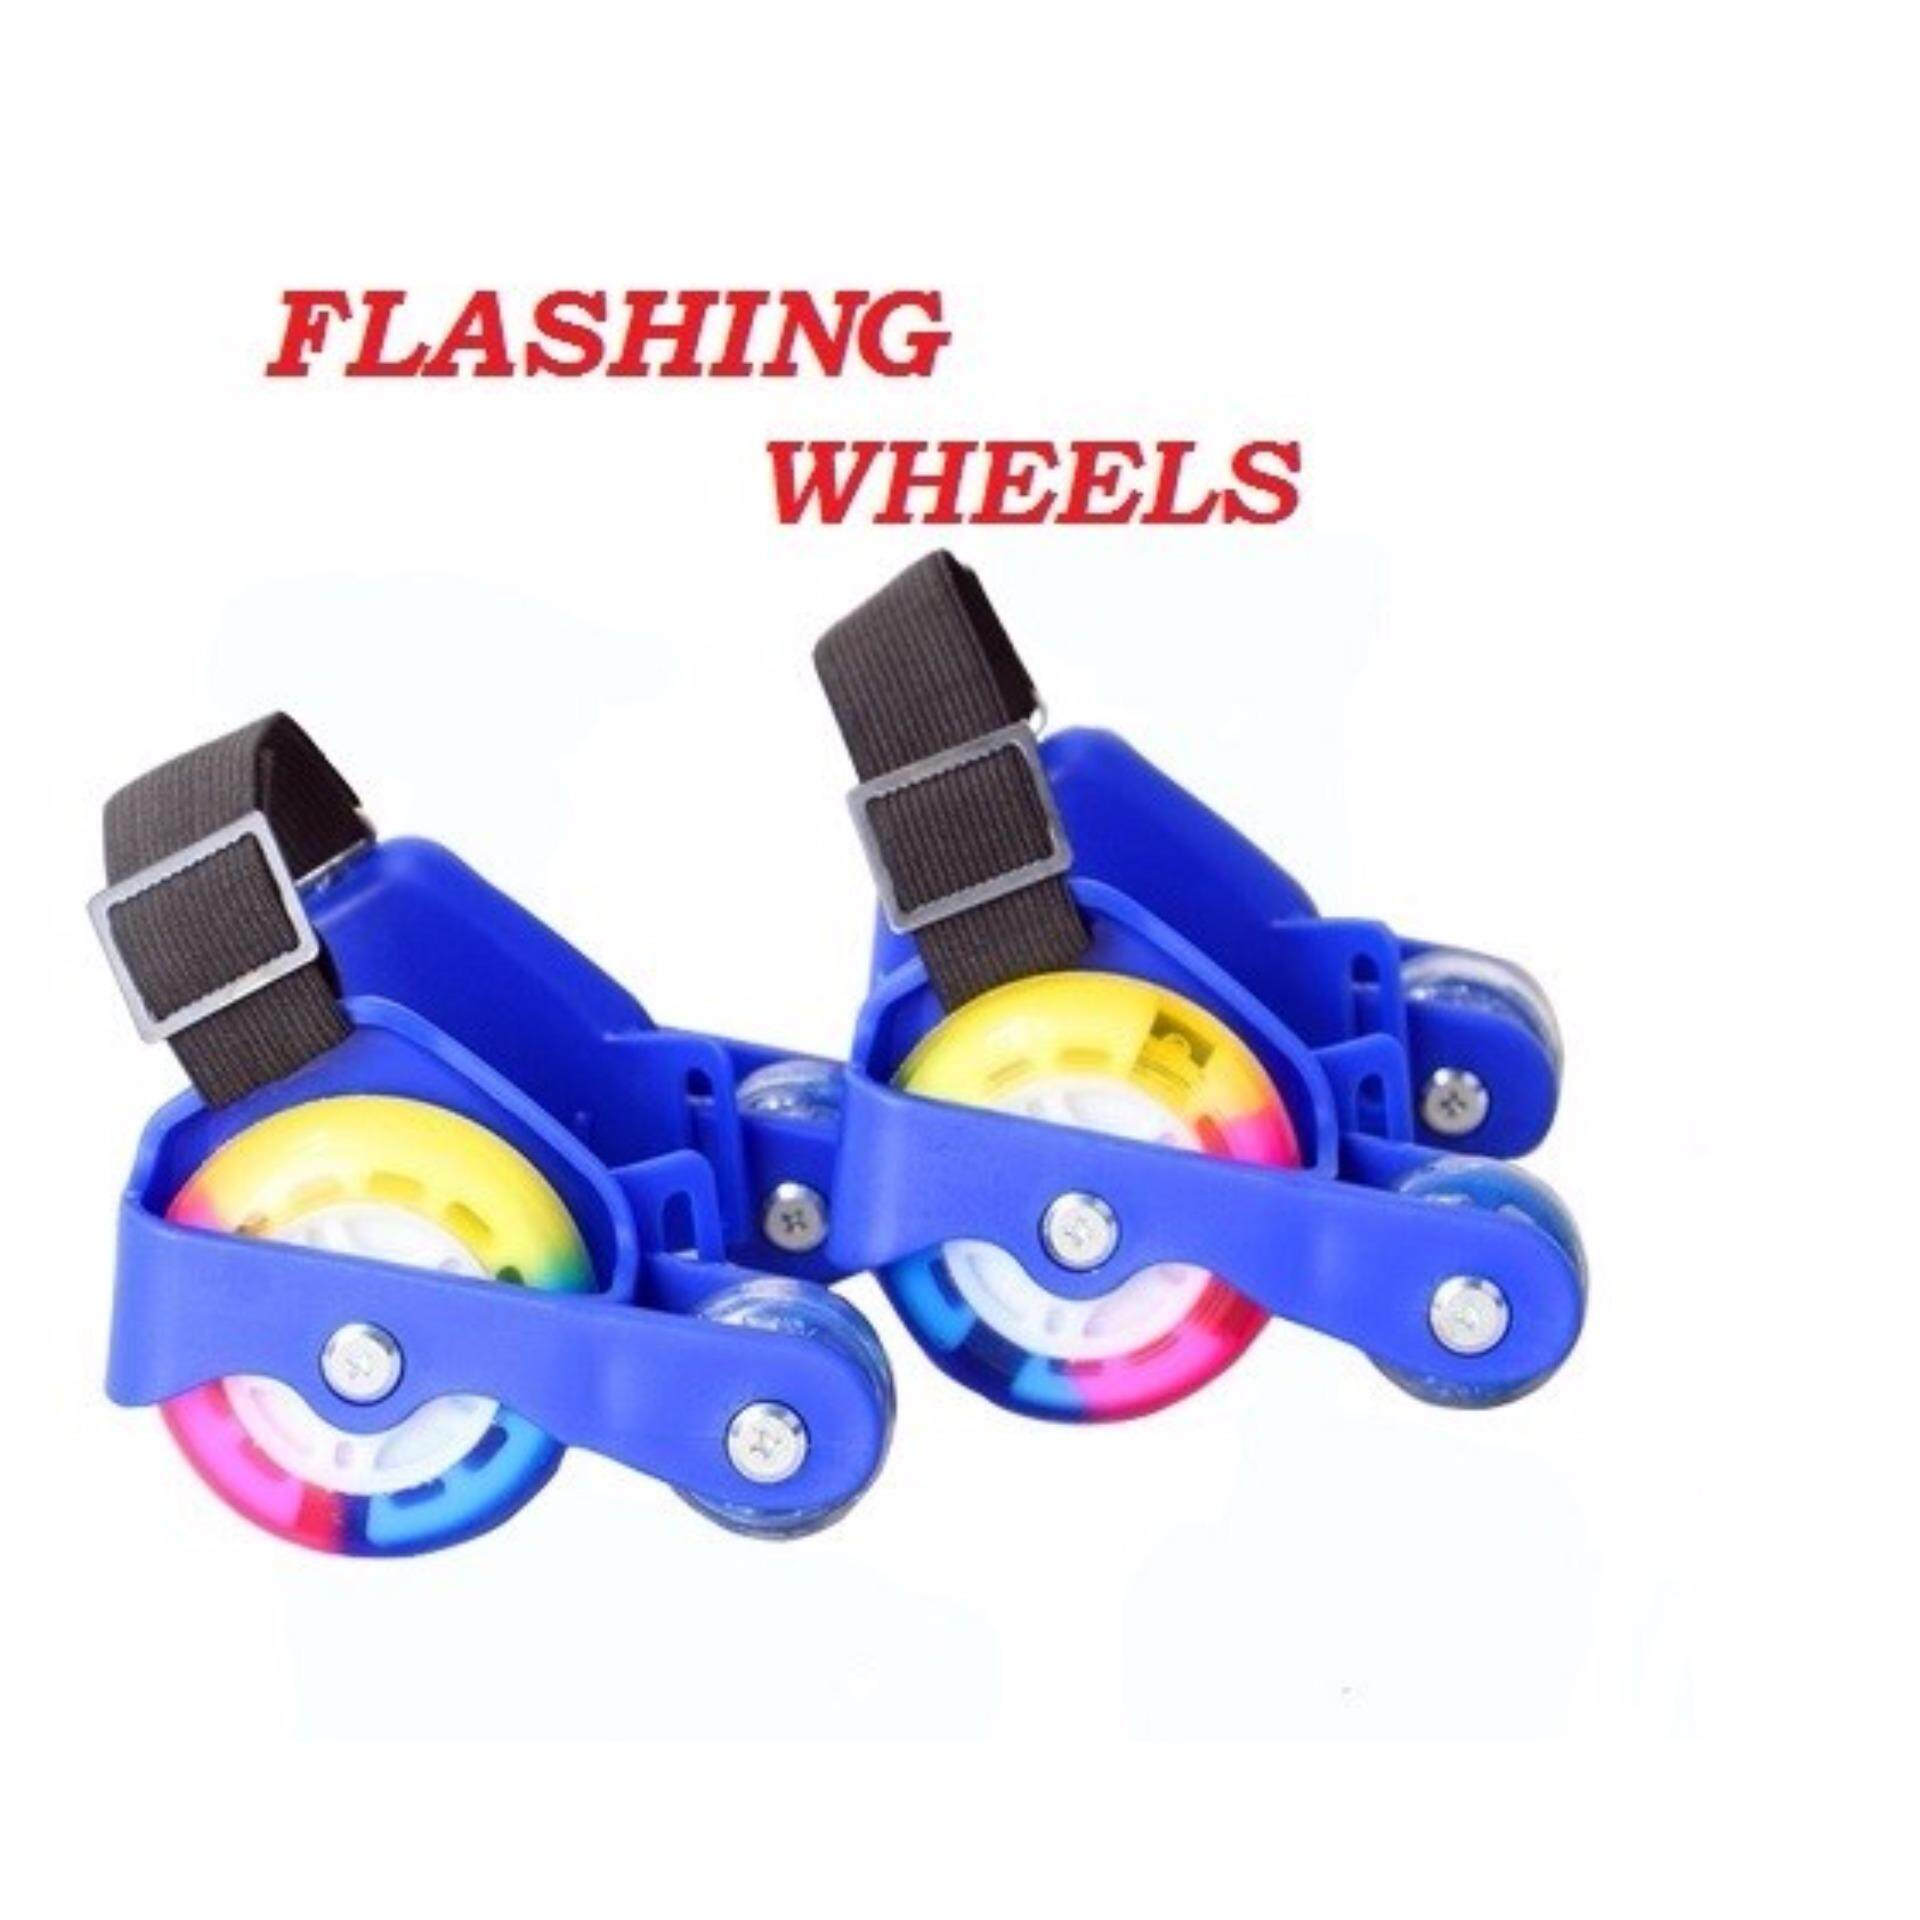 Flashing Wheels On Child Shoes (Blue)